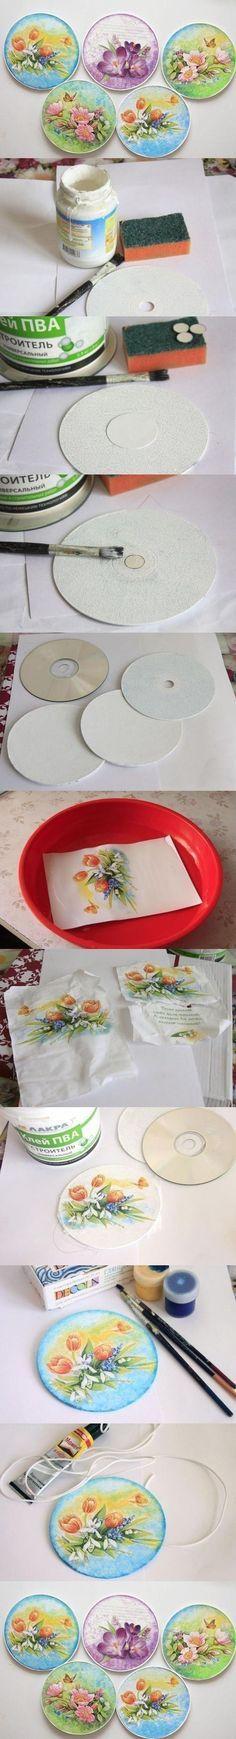 DIY Nice Old CD Paintings DIY Projects / UsefulDIY.com